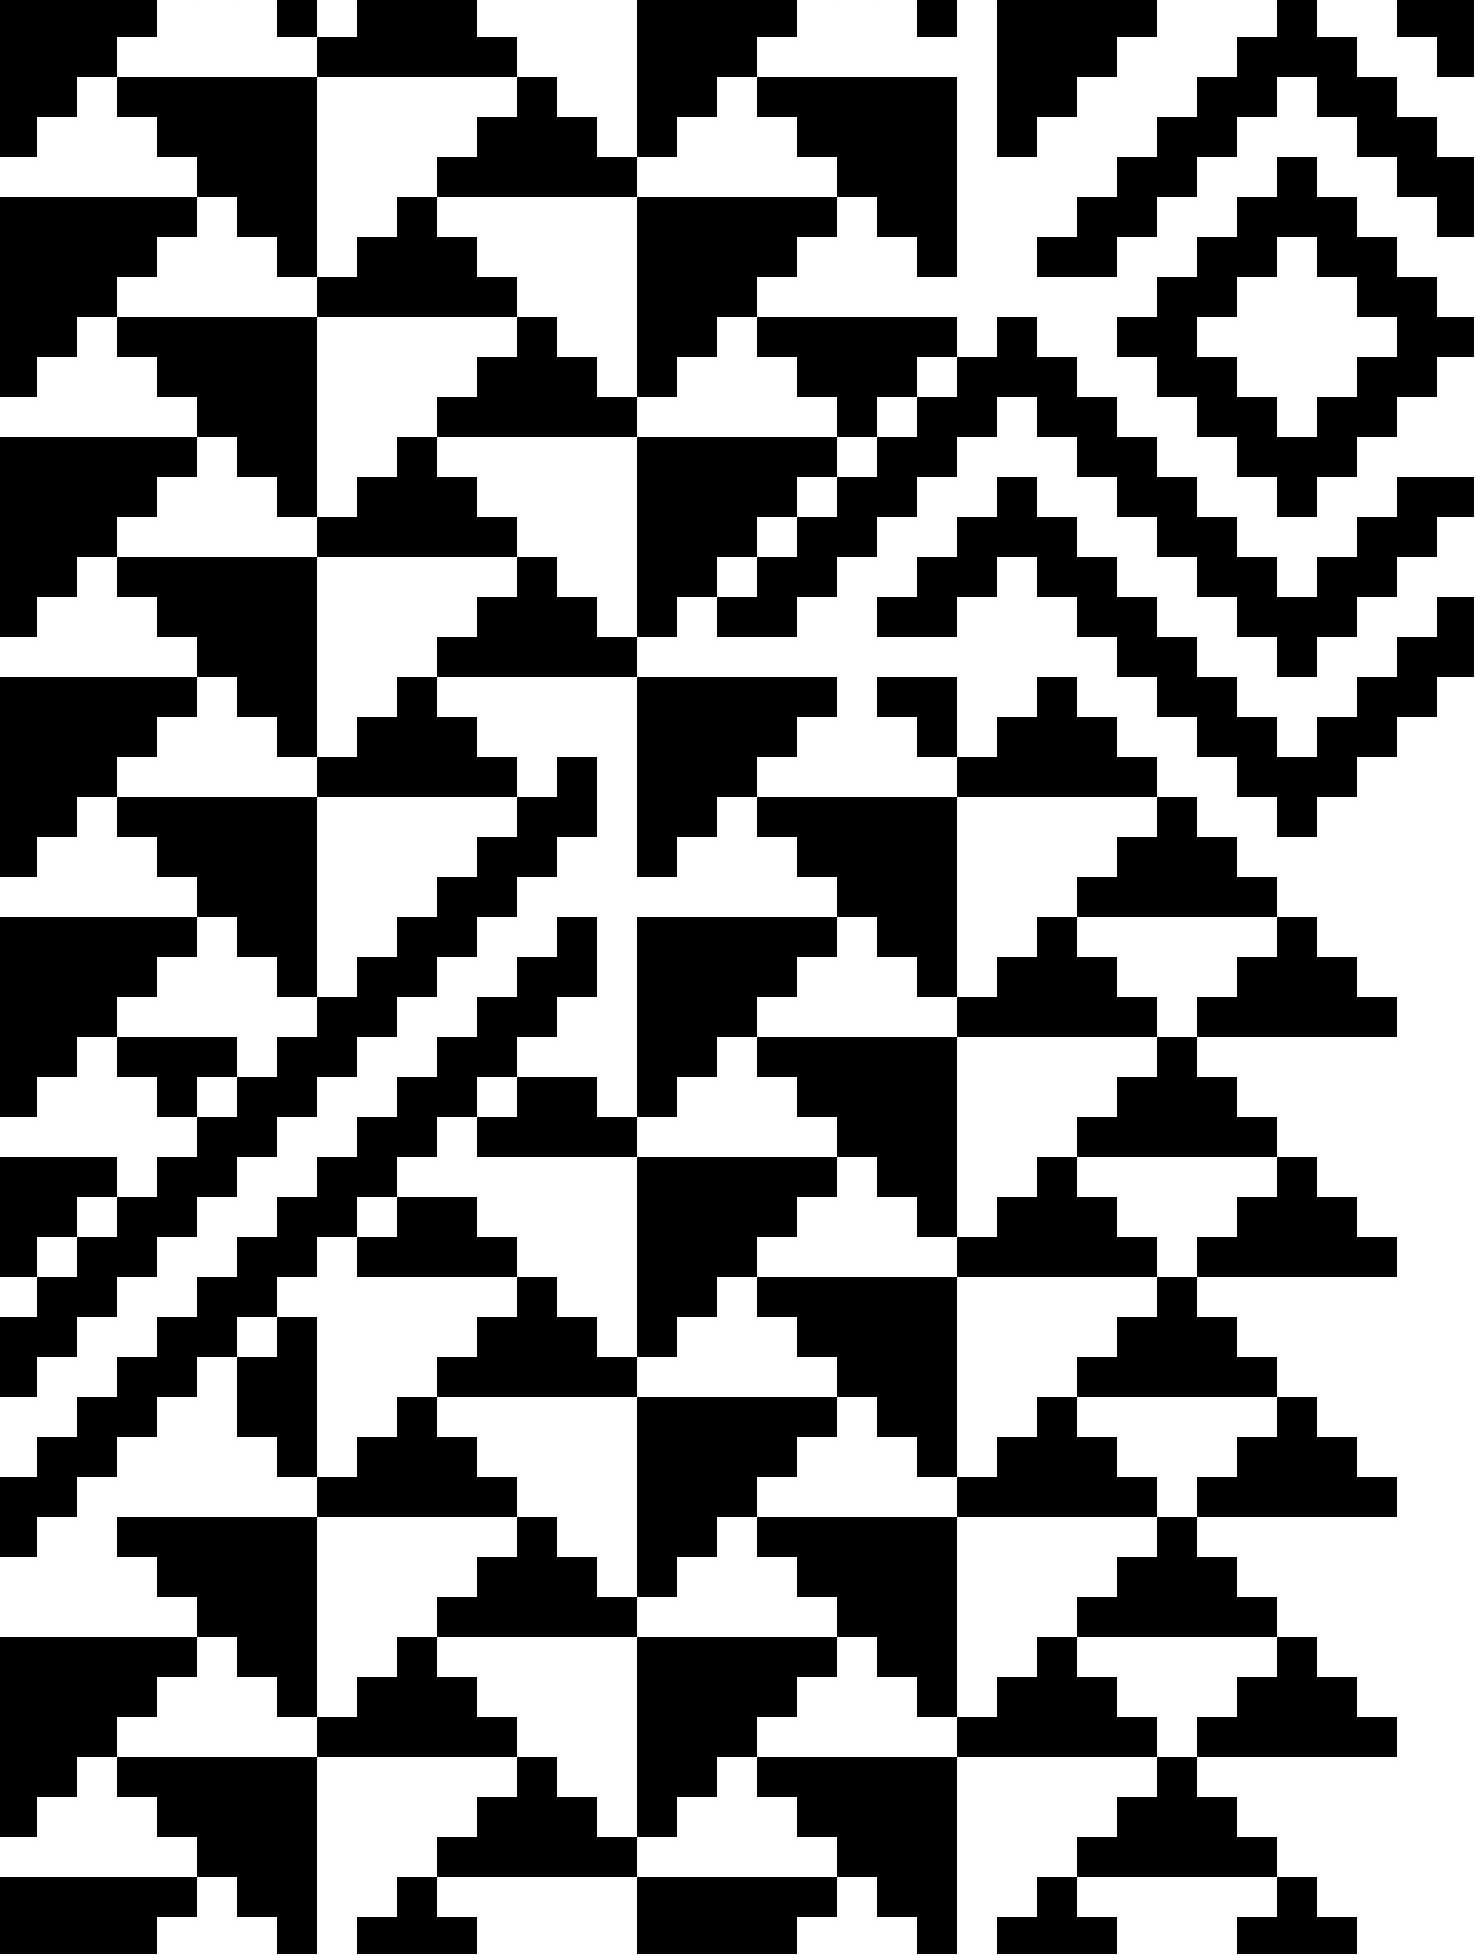 Volkstricken: 365 Days of Pattern, Day 12